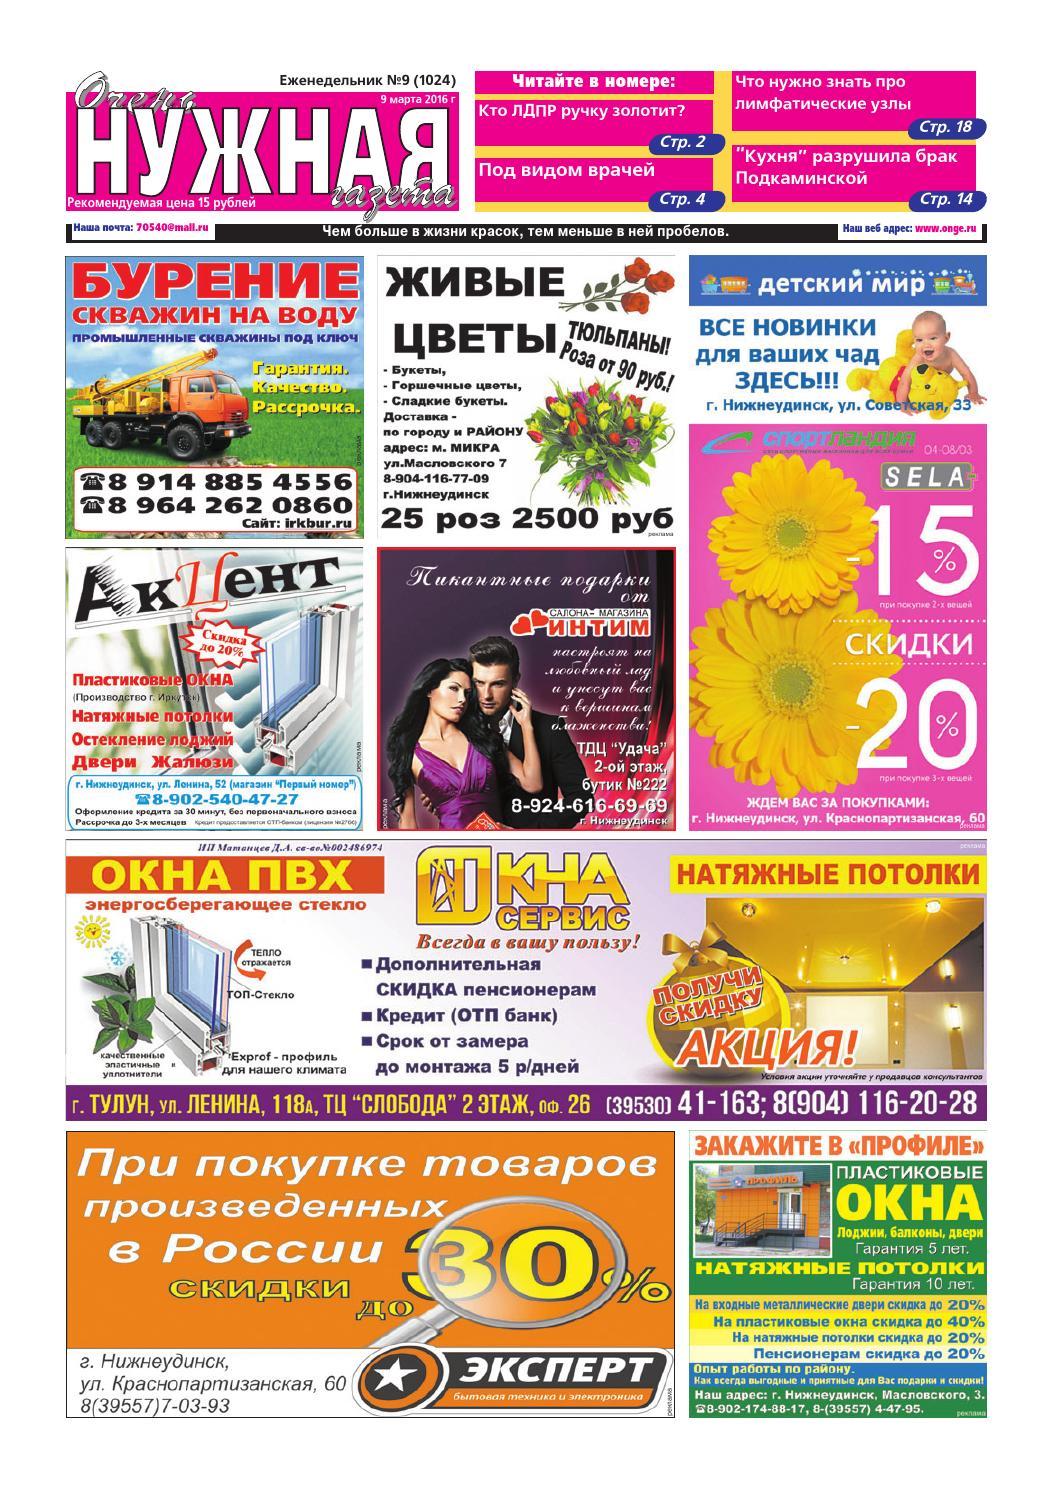 Каспий банк оплатить кредит